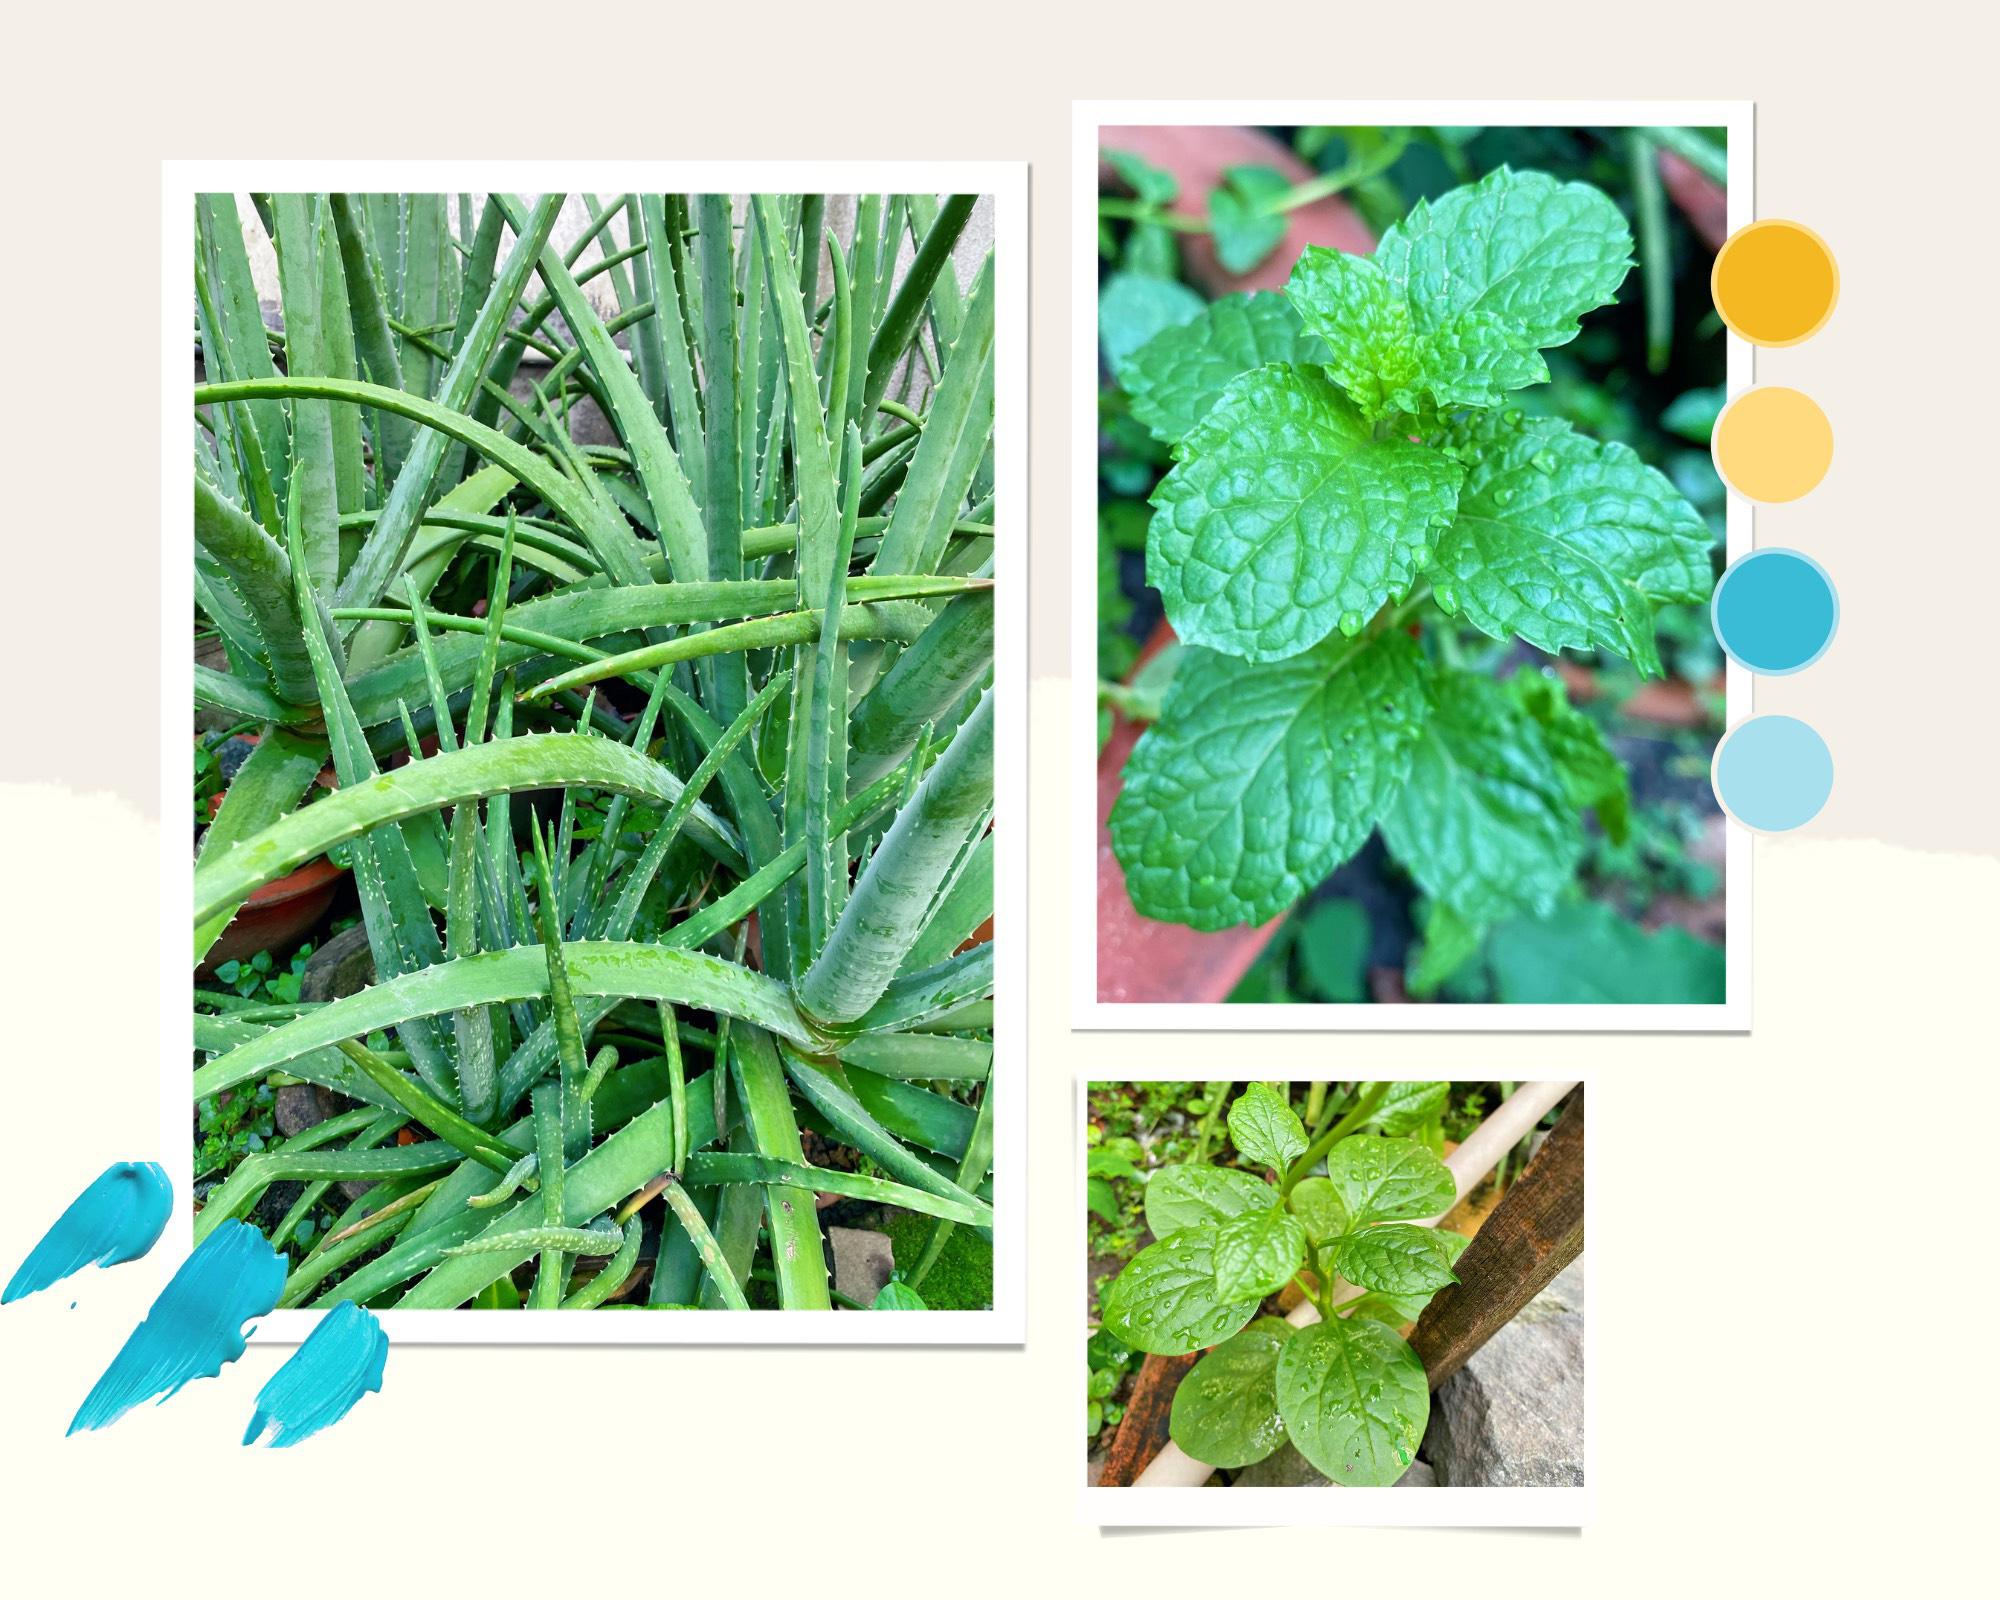 """Giới trẻ Sài Gòn tự trồng cả vườn rau, hóa giải """"bài toán"""" thực phẩm mùa dịch - Ảnh 1."""